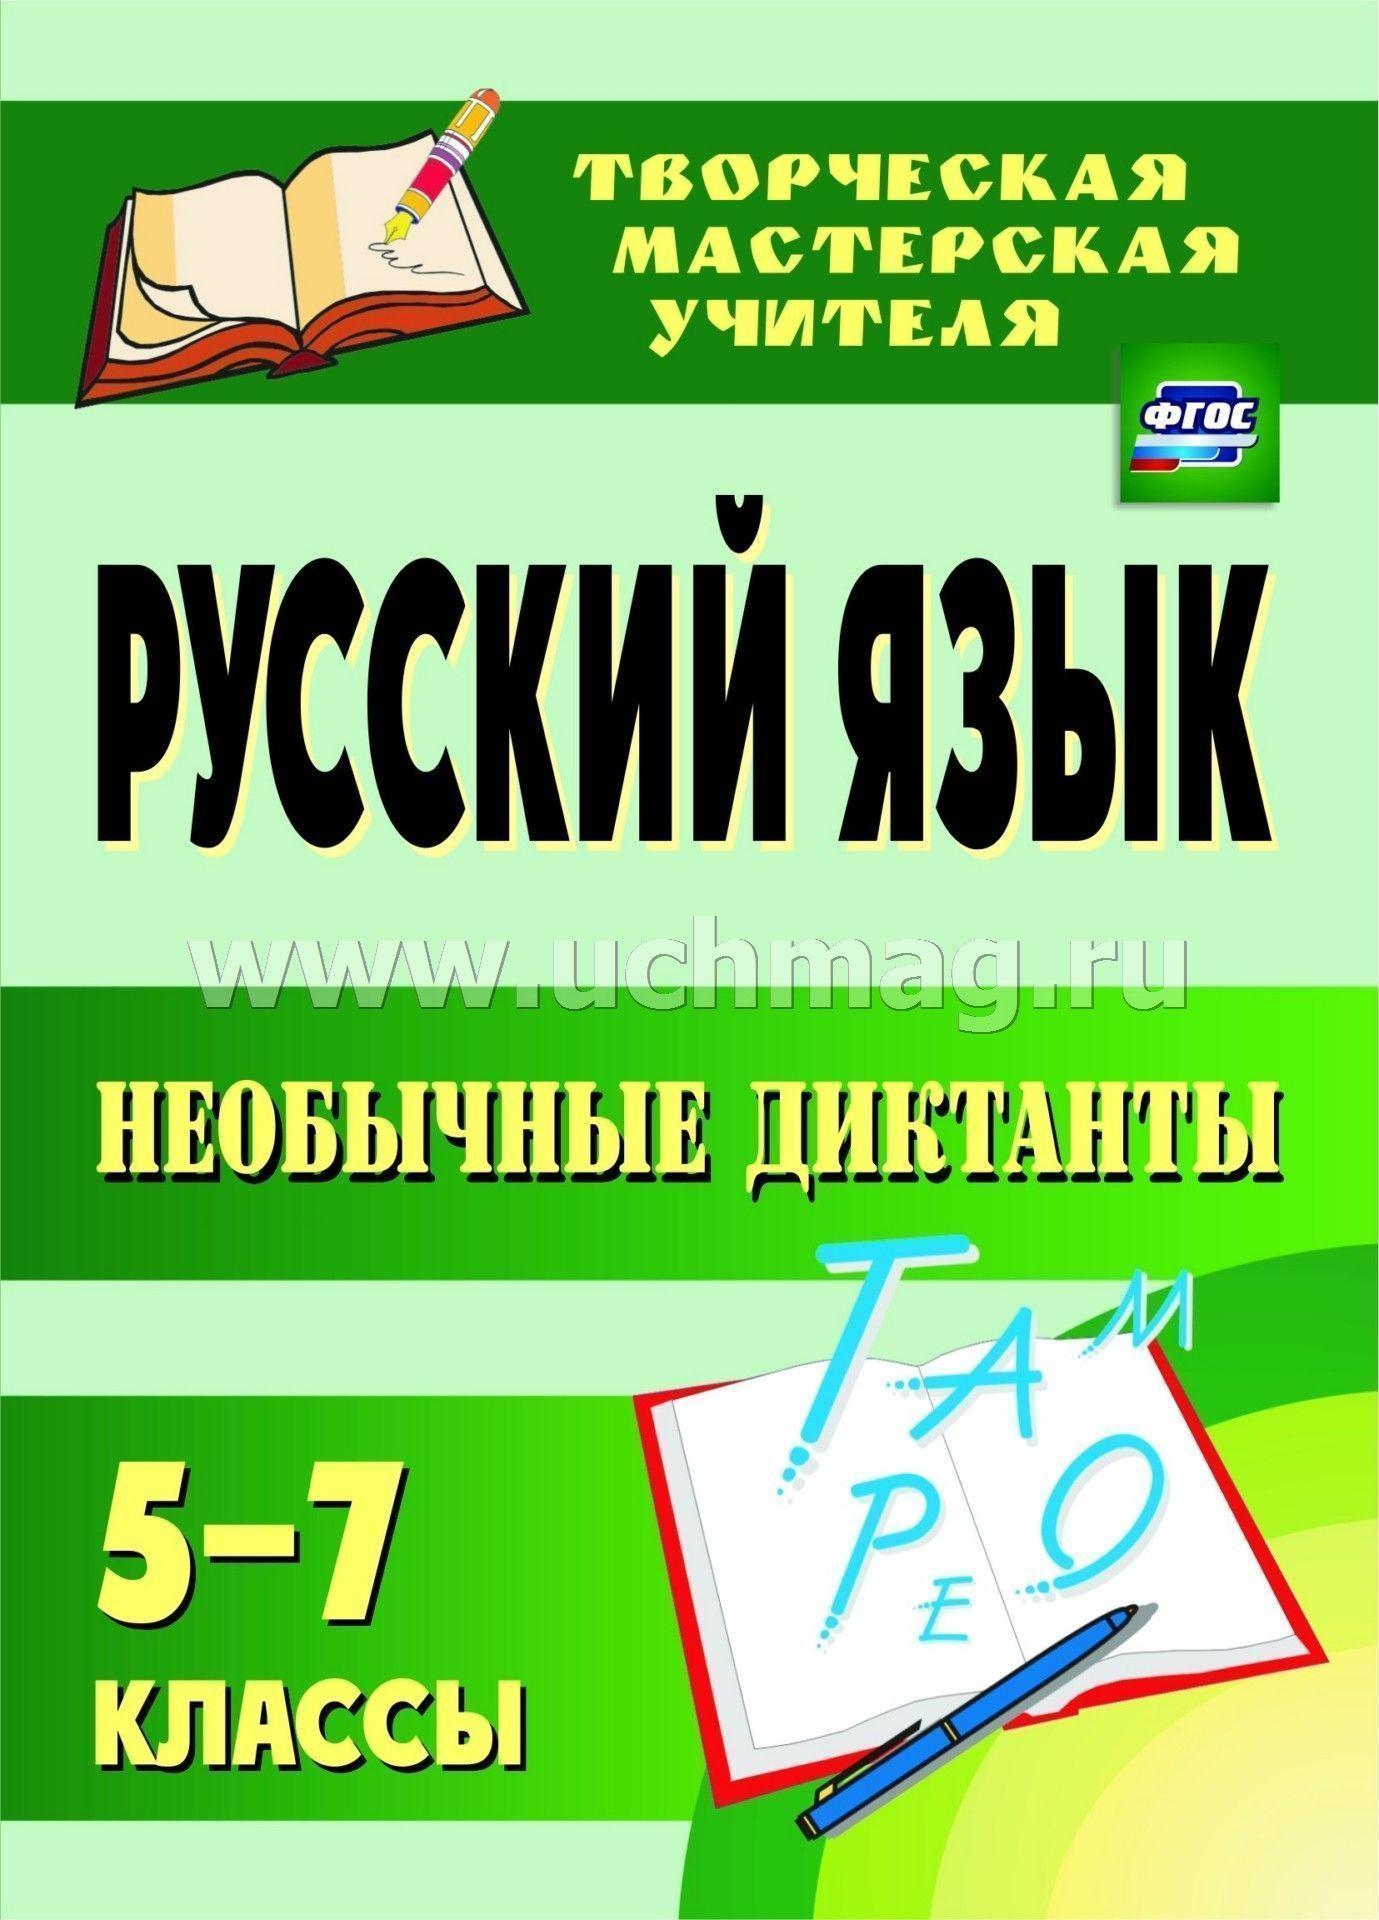 Скачать бесплатно проверочные диктанта по русскому языку коррекционная школа 8 вида 7 класс